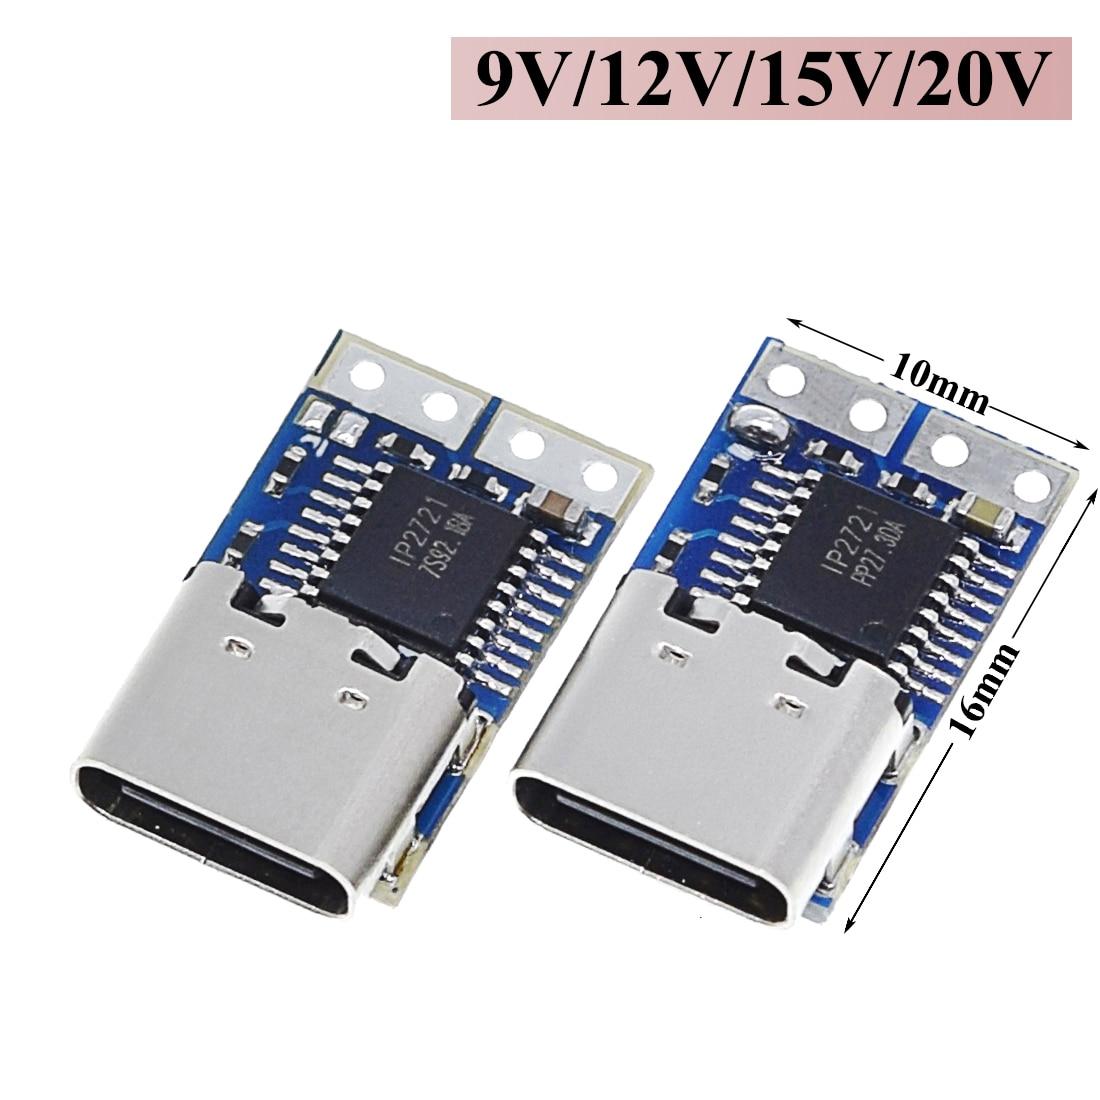 Тип-C PD приманка модуль PD2.0 PD3.0 к DC Триггеру Удлинительный кабель QC4 зарядное устройство 9 в 12 В 15 в 20 в Быстрая зарядка печатная плата